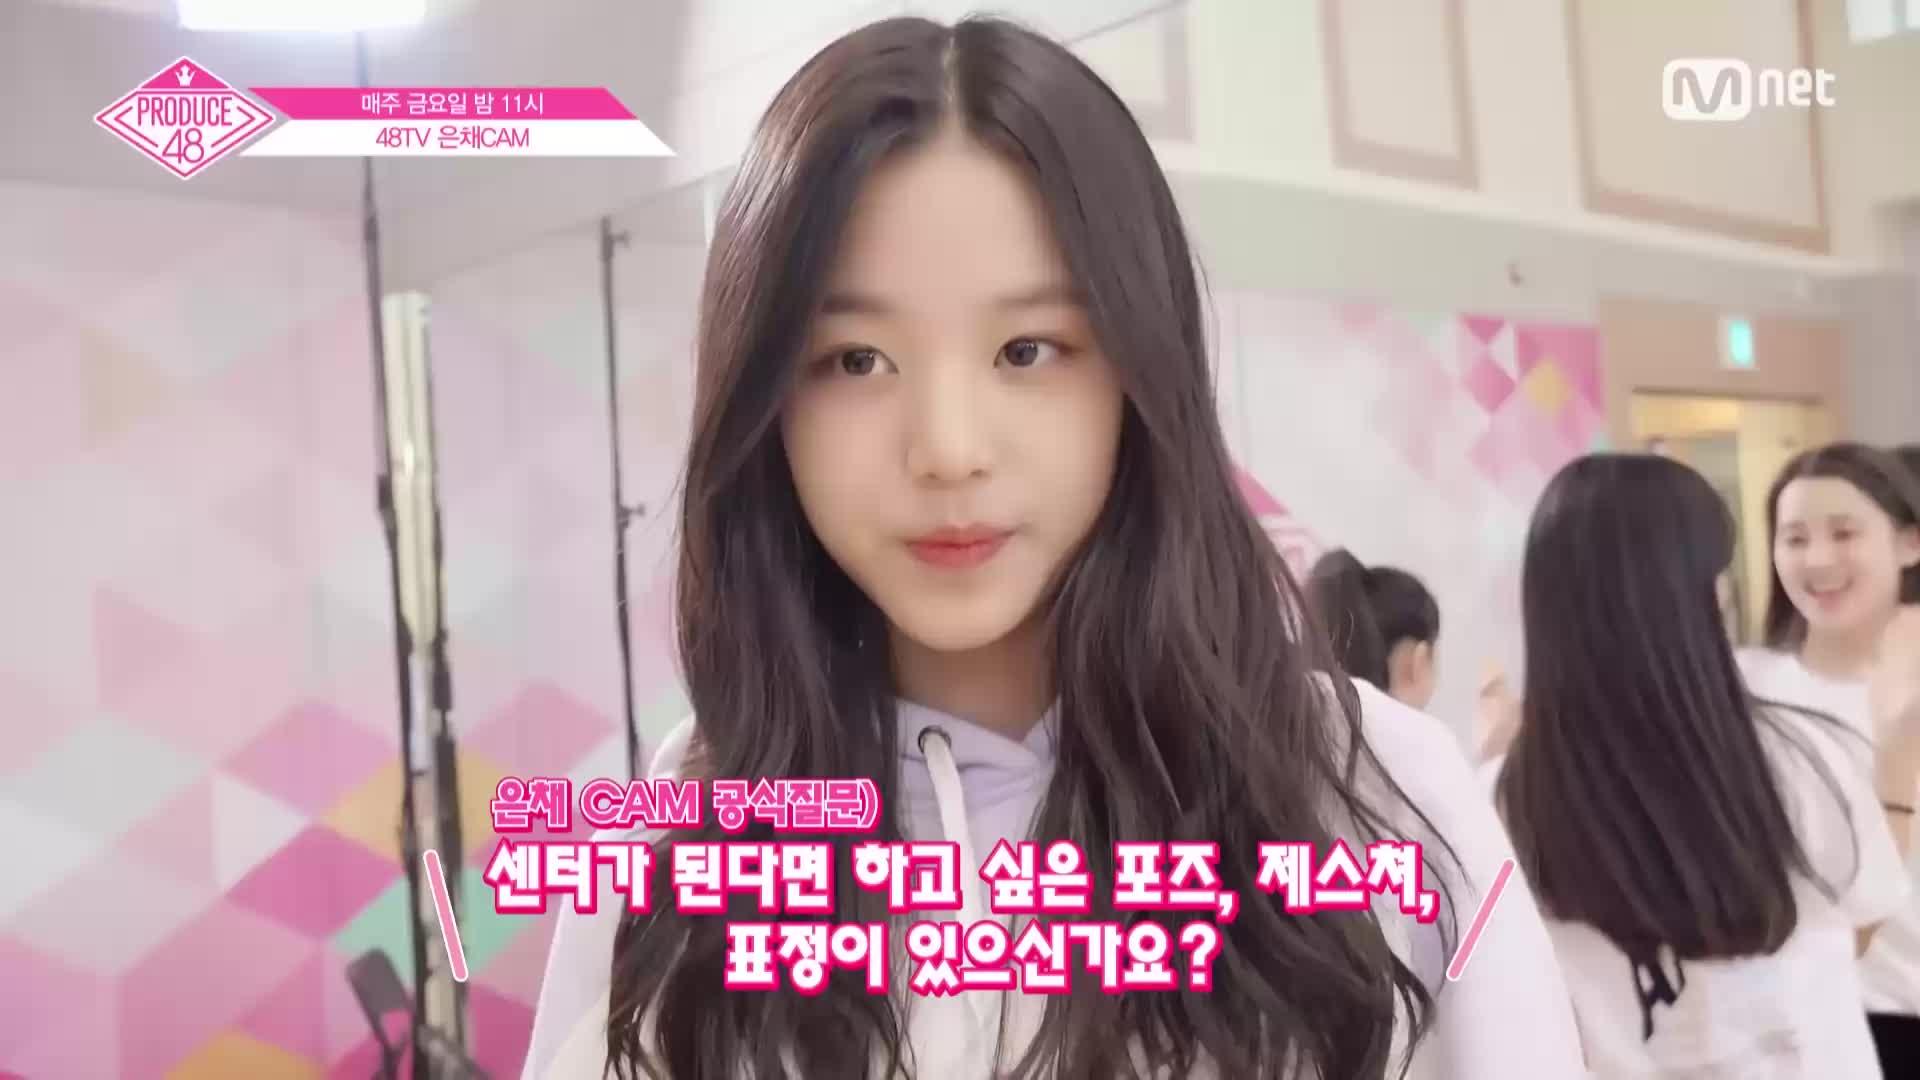 48TV Pick Me (Behind) - Jang Wonyoung (1) GIFs